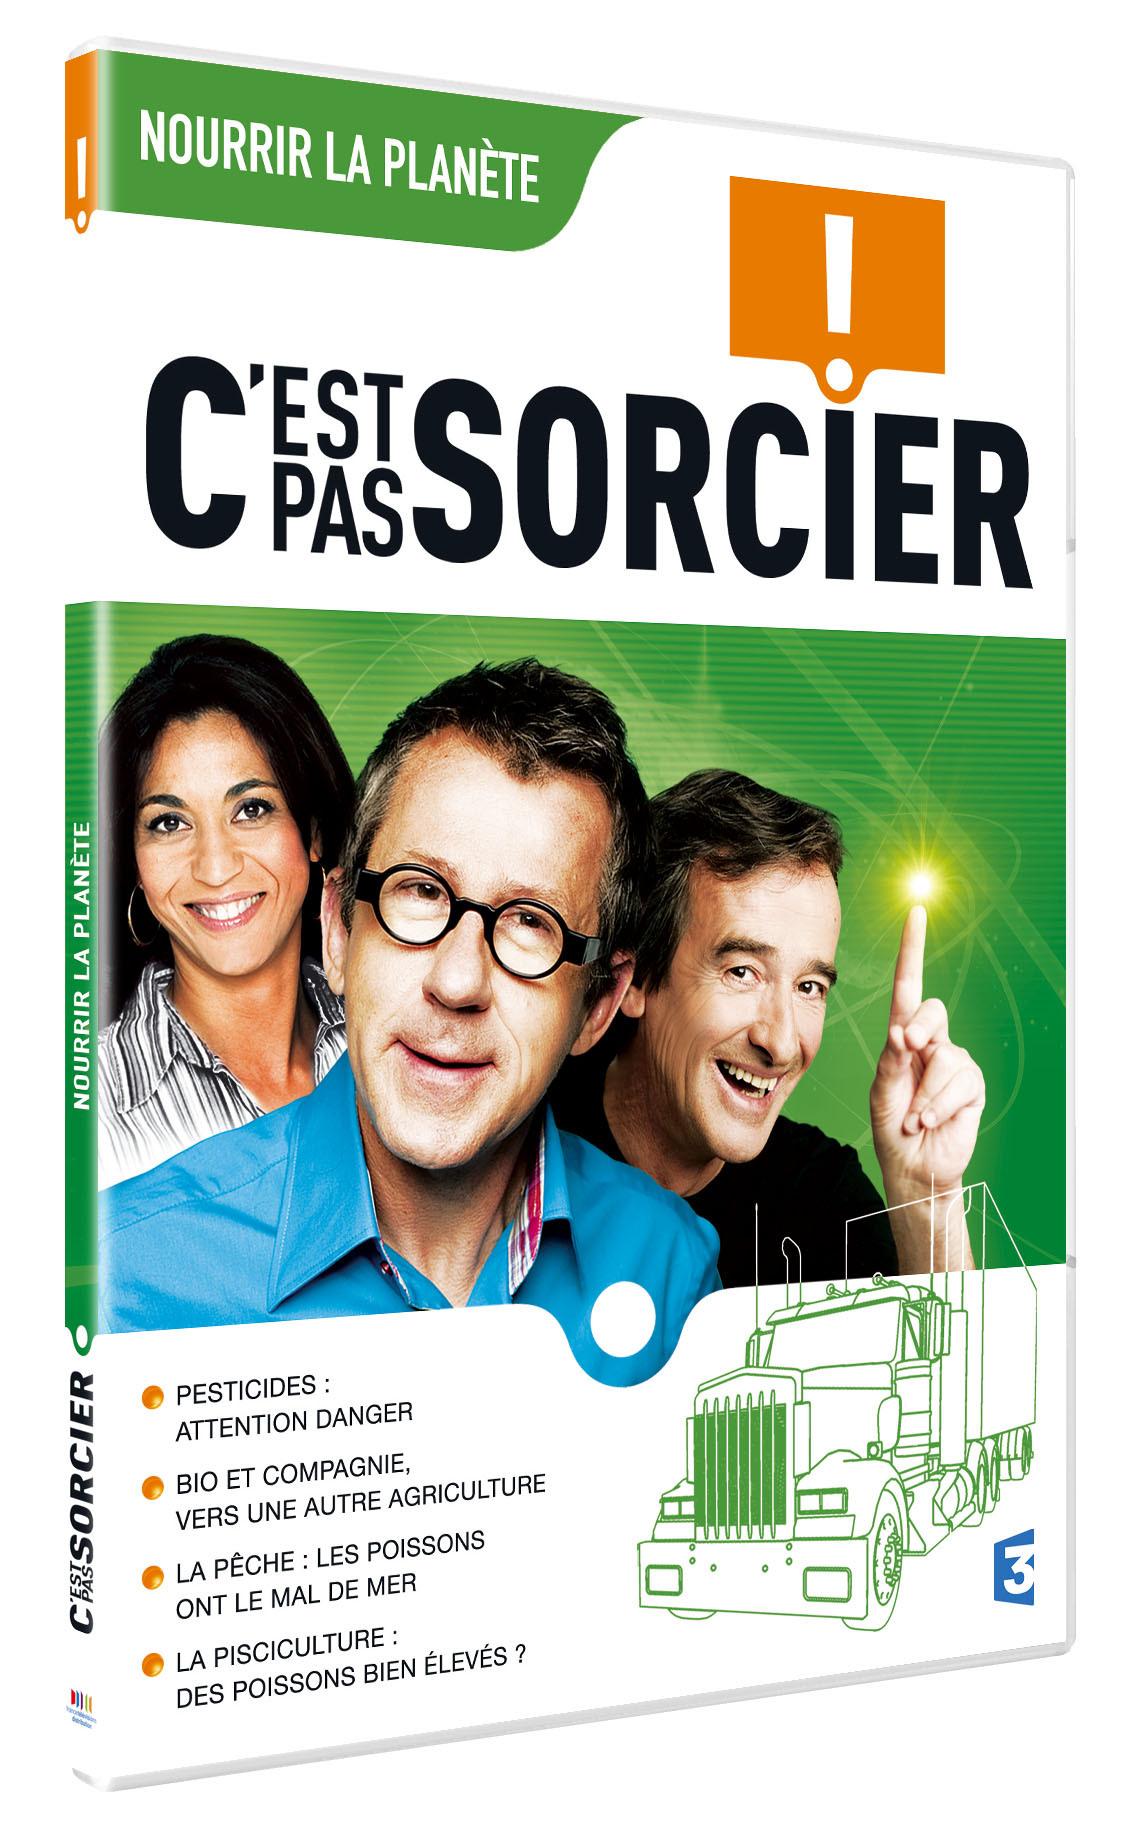 C'EST PAS SORCIER - NOURRIR LA PLANETE - DVD